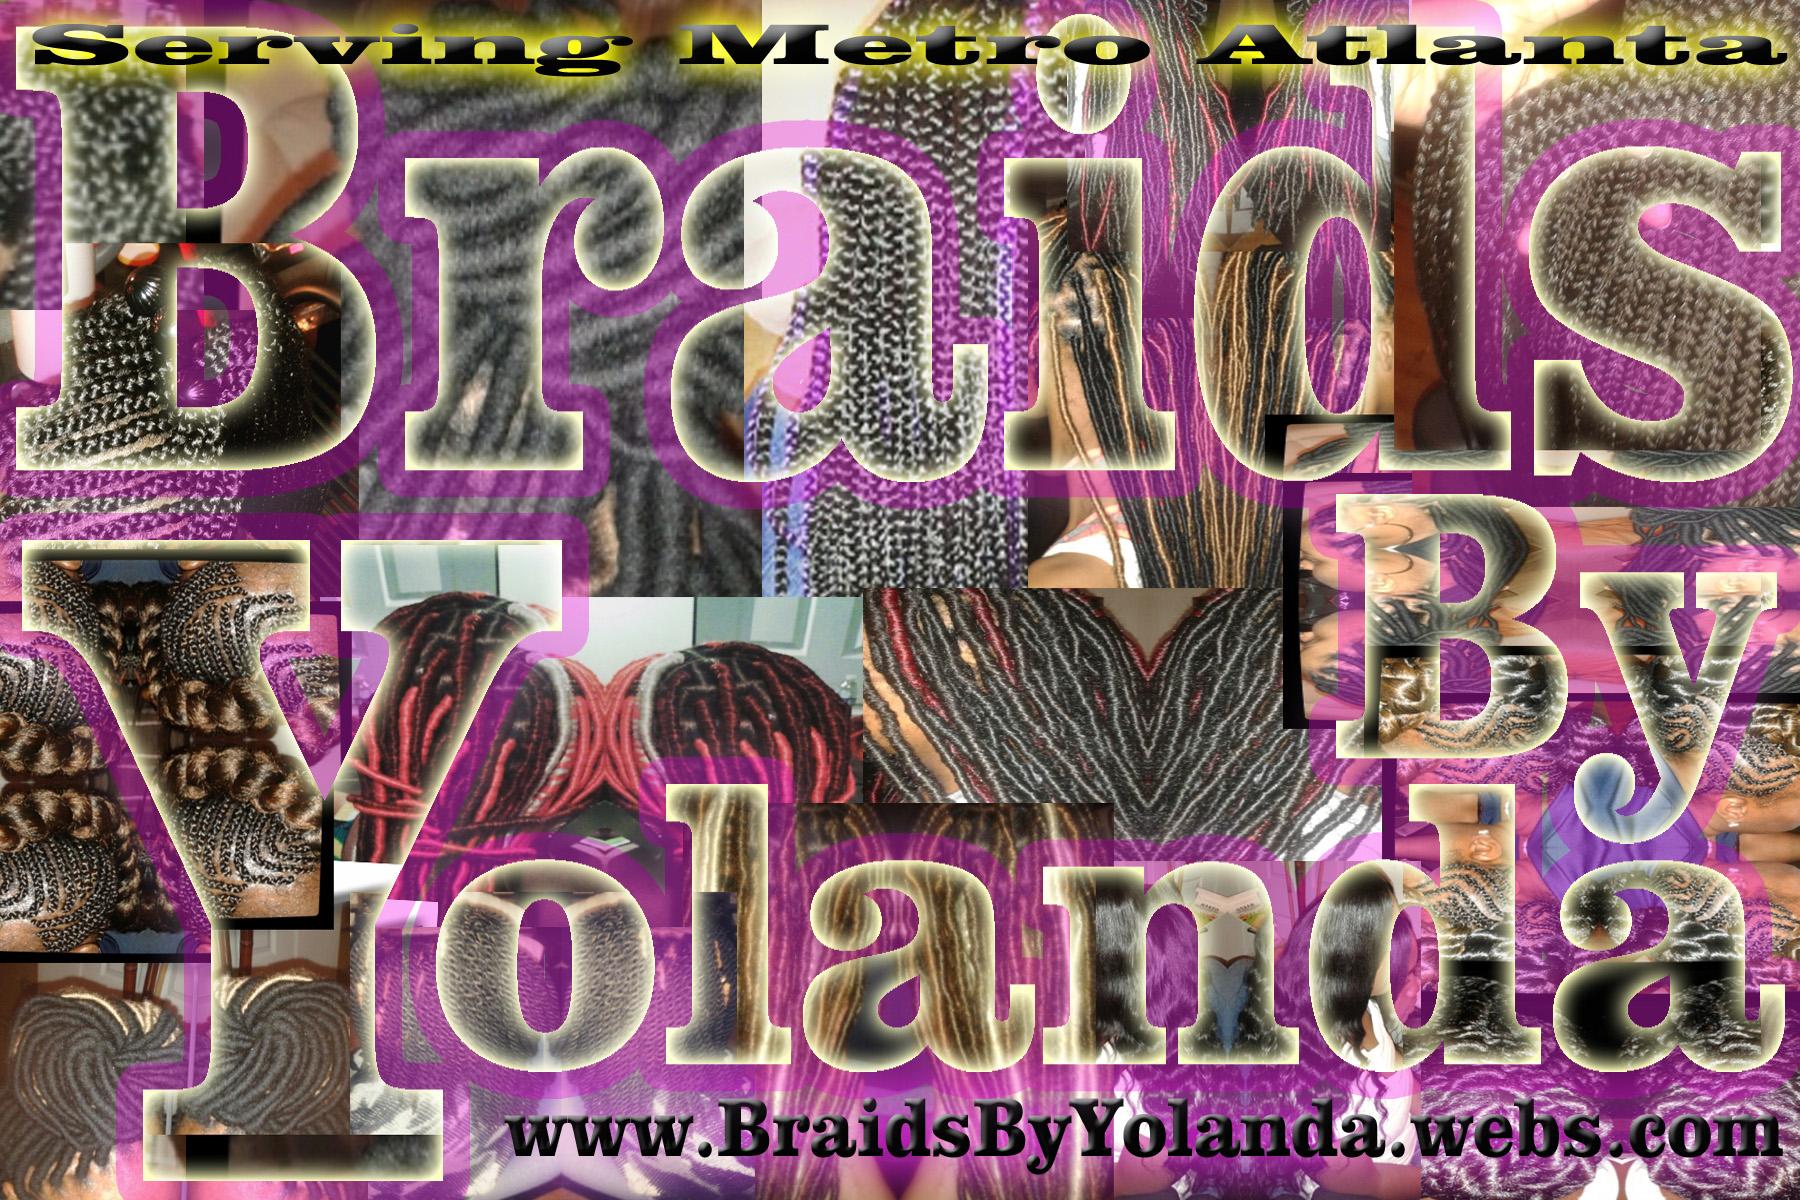 Braids By Yolanda